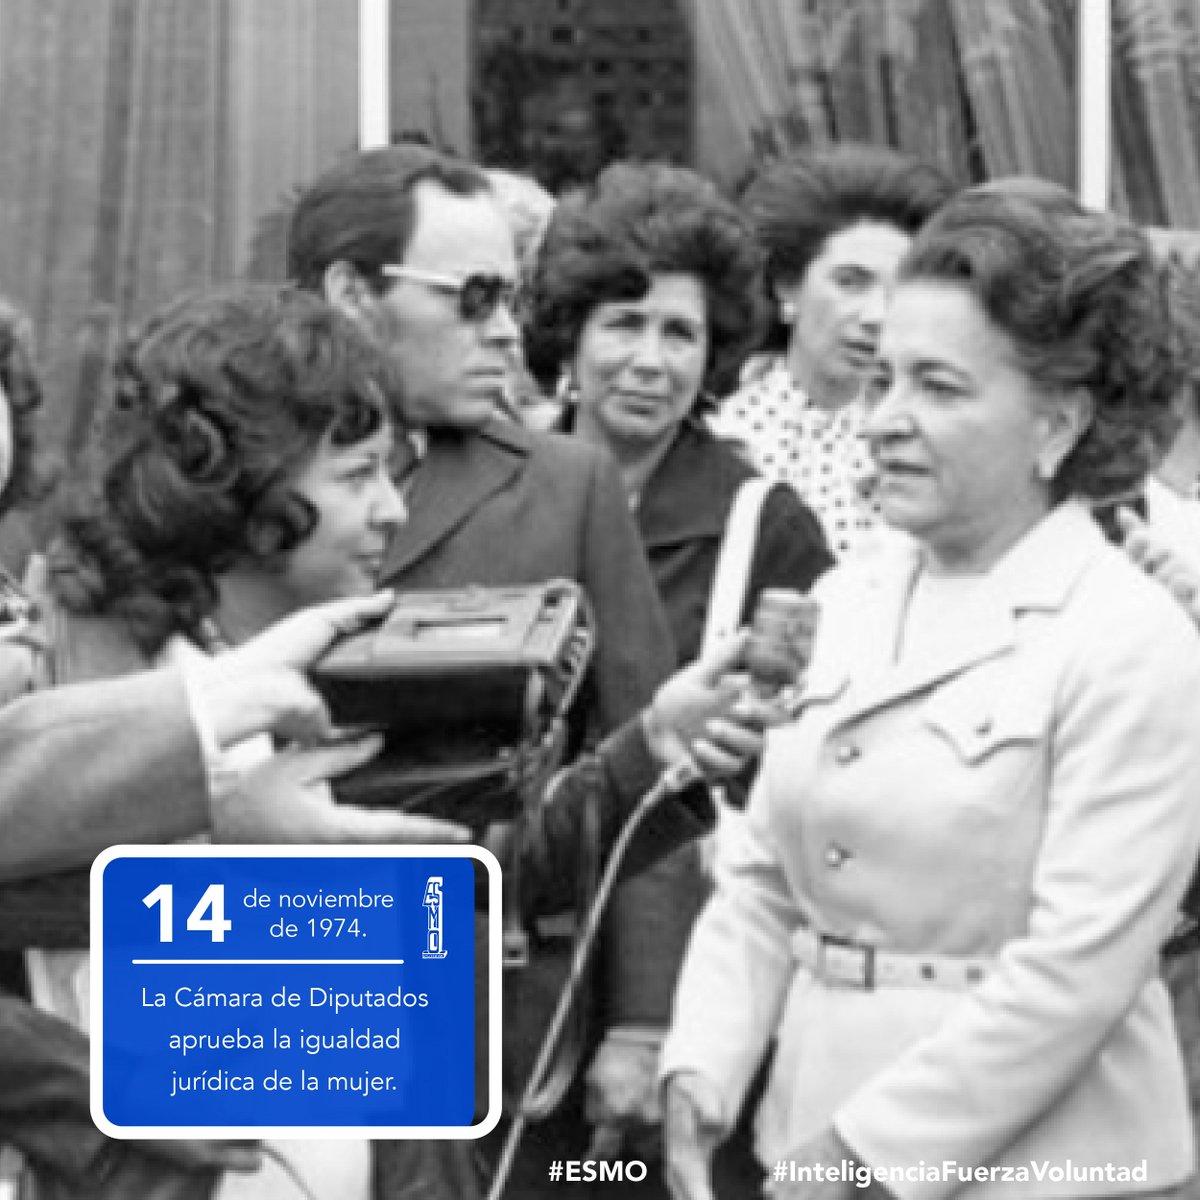 🗓 14 de noviembre de 1974 🇲🇽 La Cámara de Diputados aprueba la igualdad jurídica de la mujer.  #ESMO #InteligenciaFuerzaVoluntad #Atlixco #Puebla  #NuevaEscuelaMexicana #EducaciónBásica #AccionesPorLaEducación